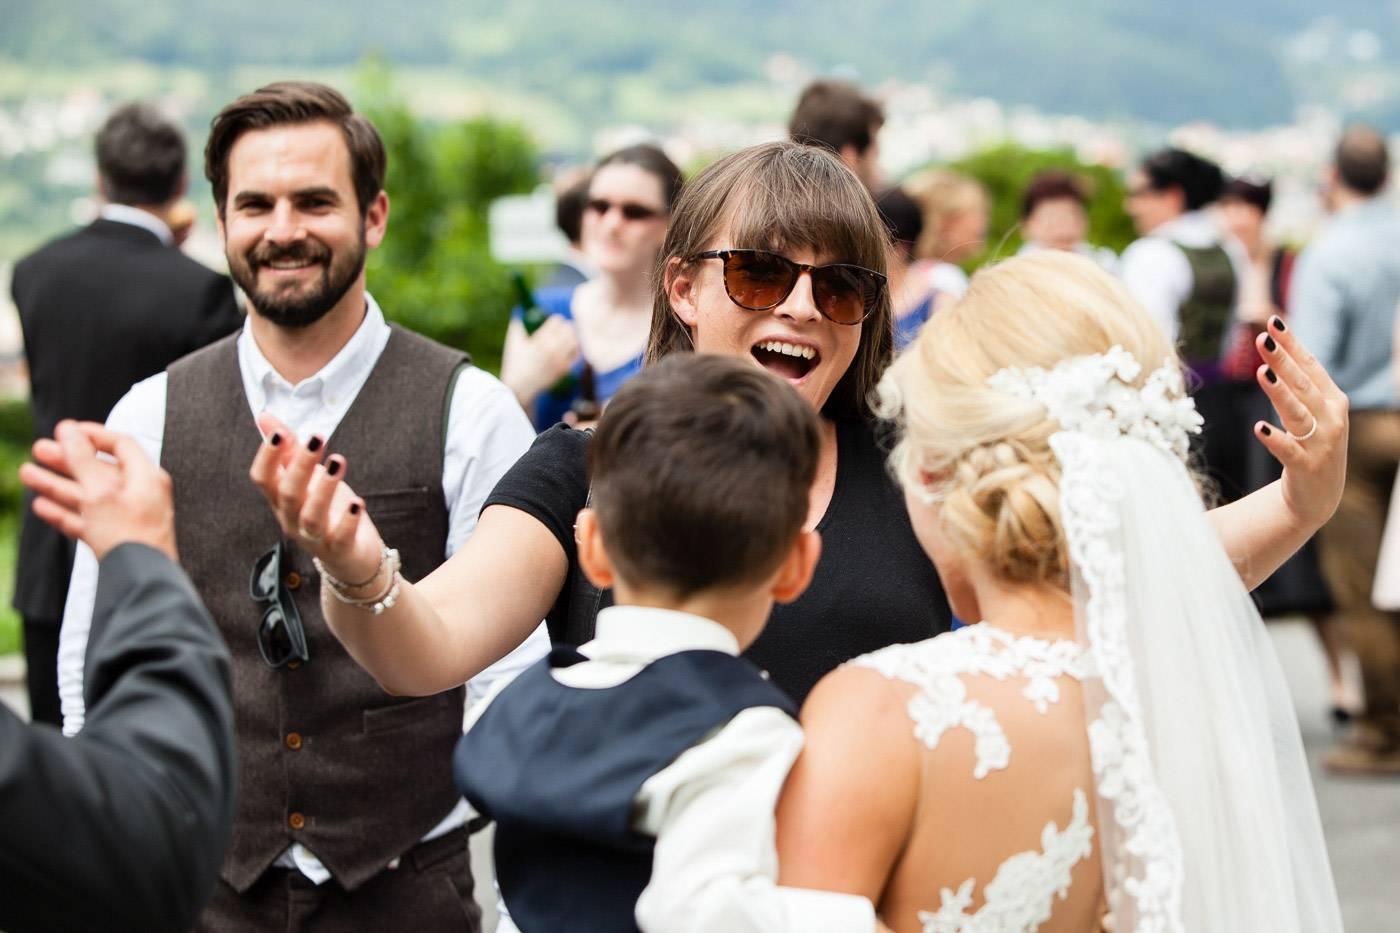 aschenputtel-hochzeitsfotograf-gratulation-kirche-mentlberg-innsbruck-tirol